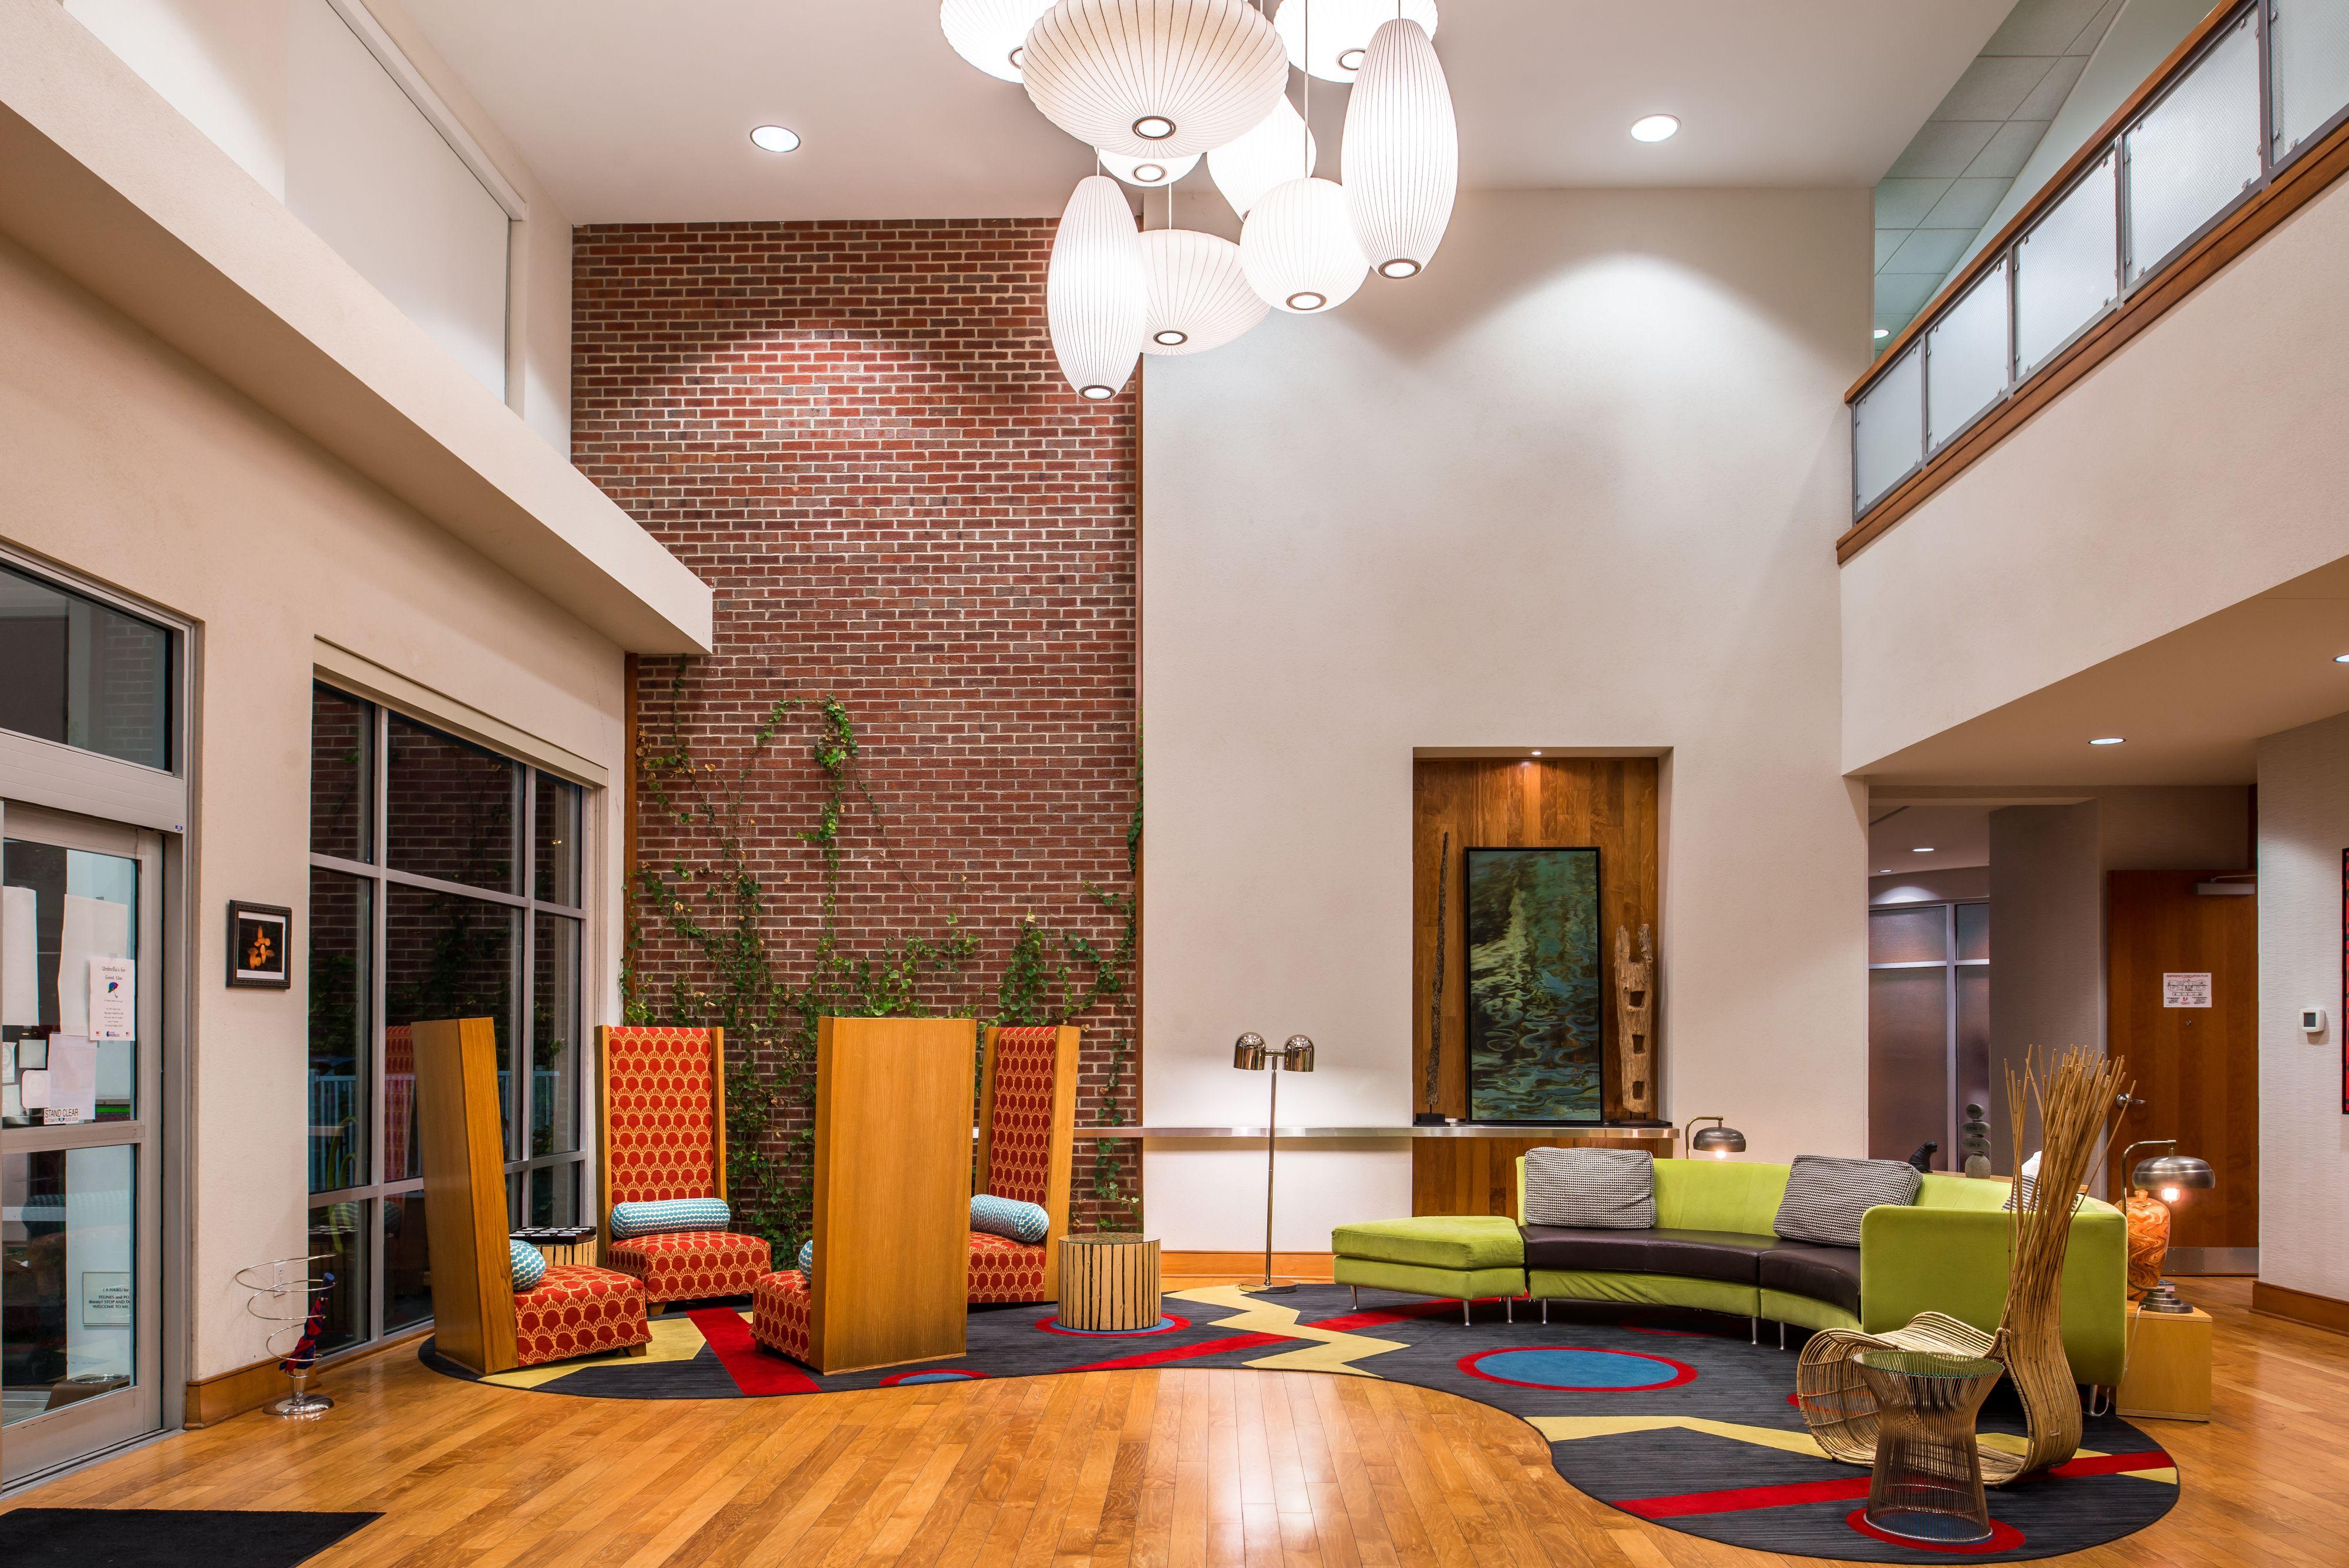 Hotel Indigo Columbus Architectural Center image 9